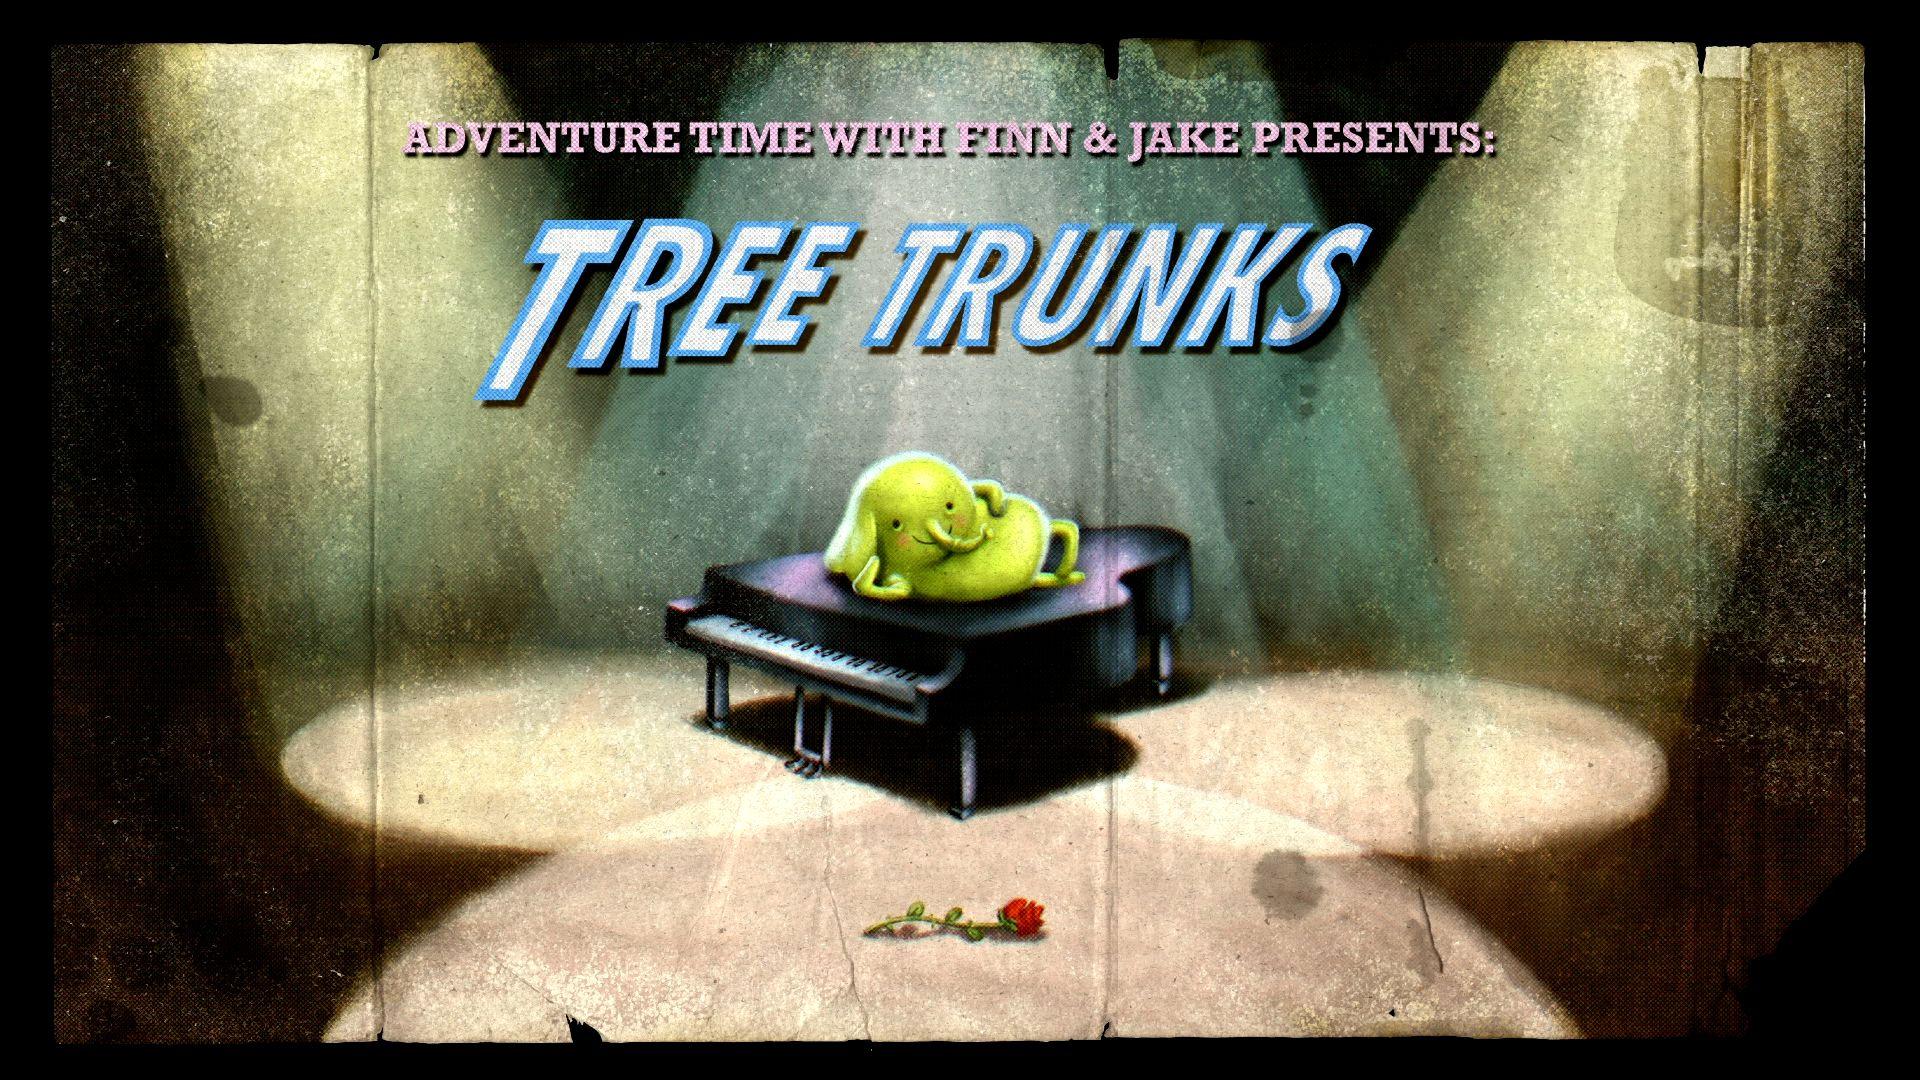 File:Titlecard S1E4 treetrunks.jpg